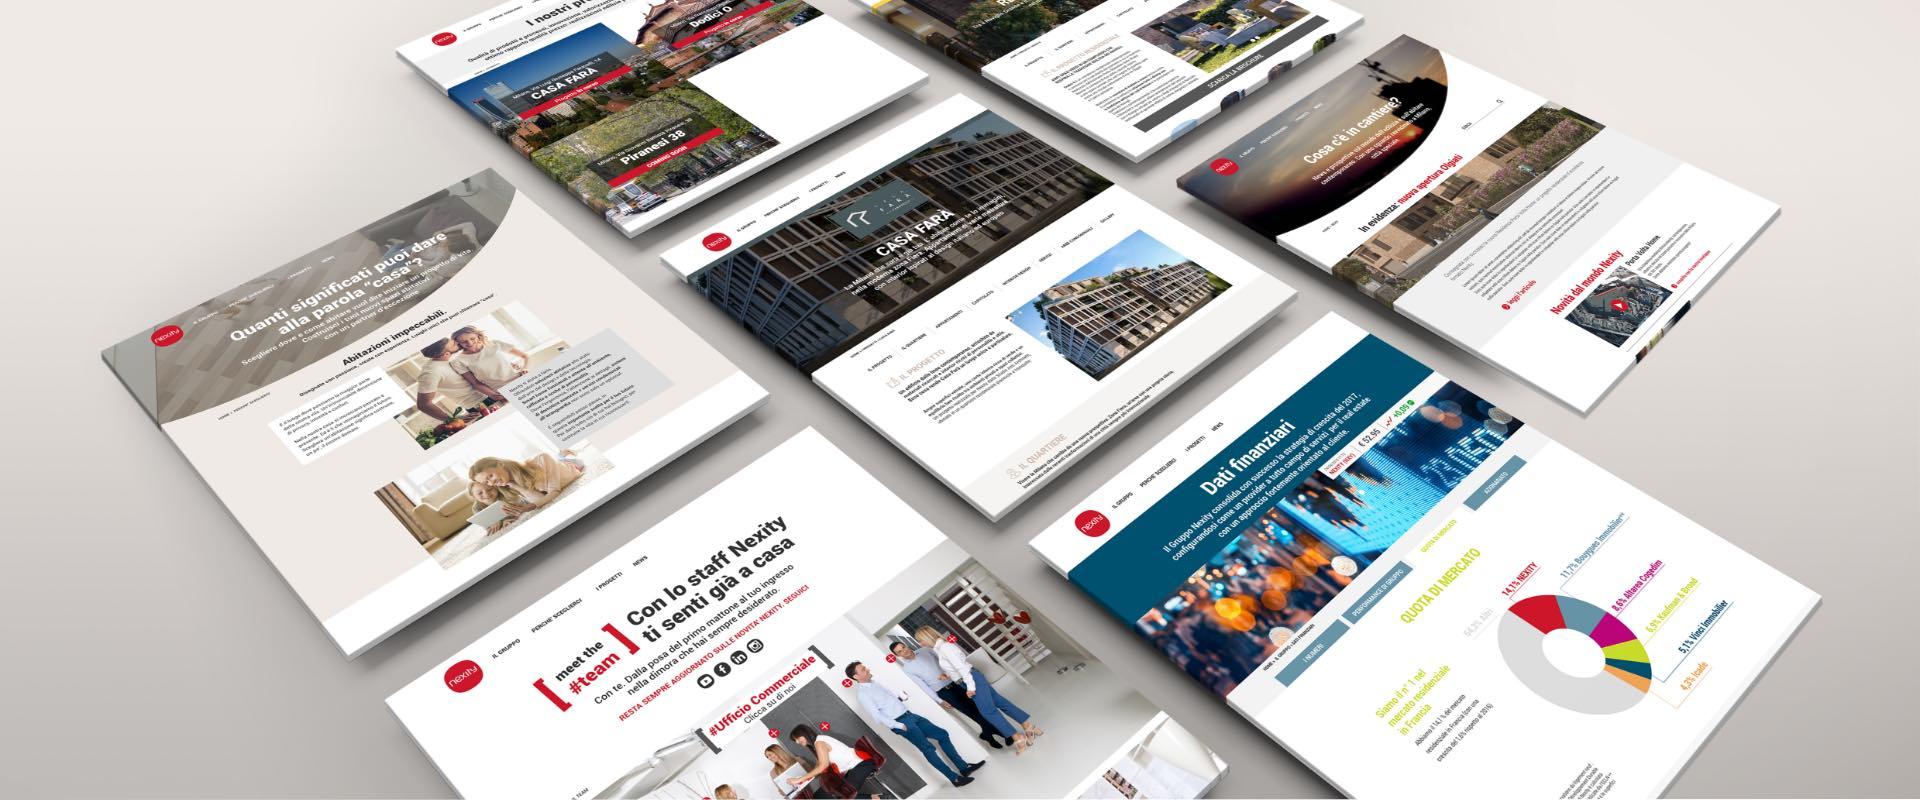 Nexity .it sito corporate ottimizzato per la fruizione e i motori di ricerca